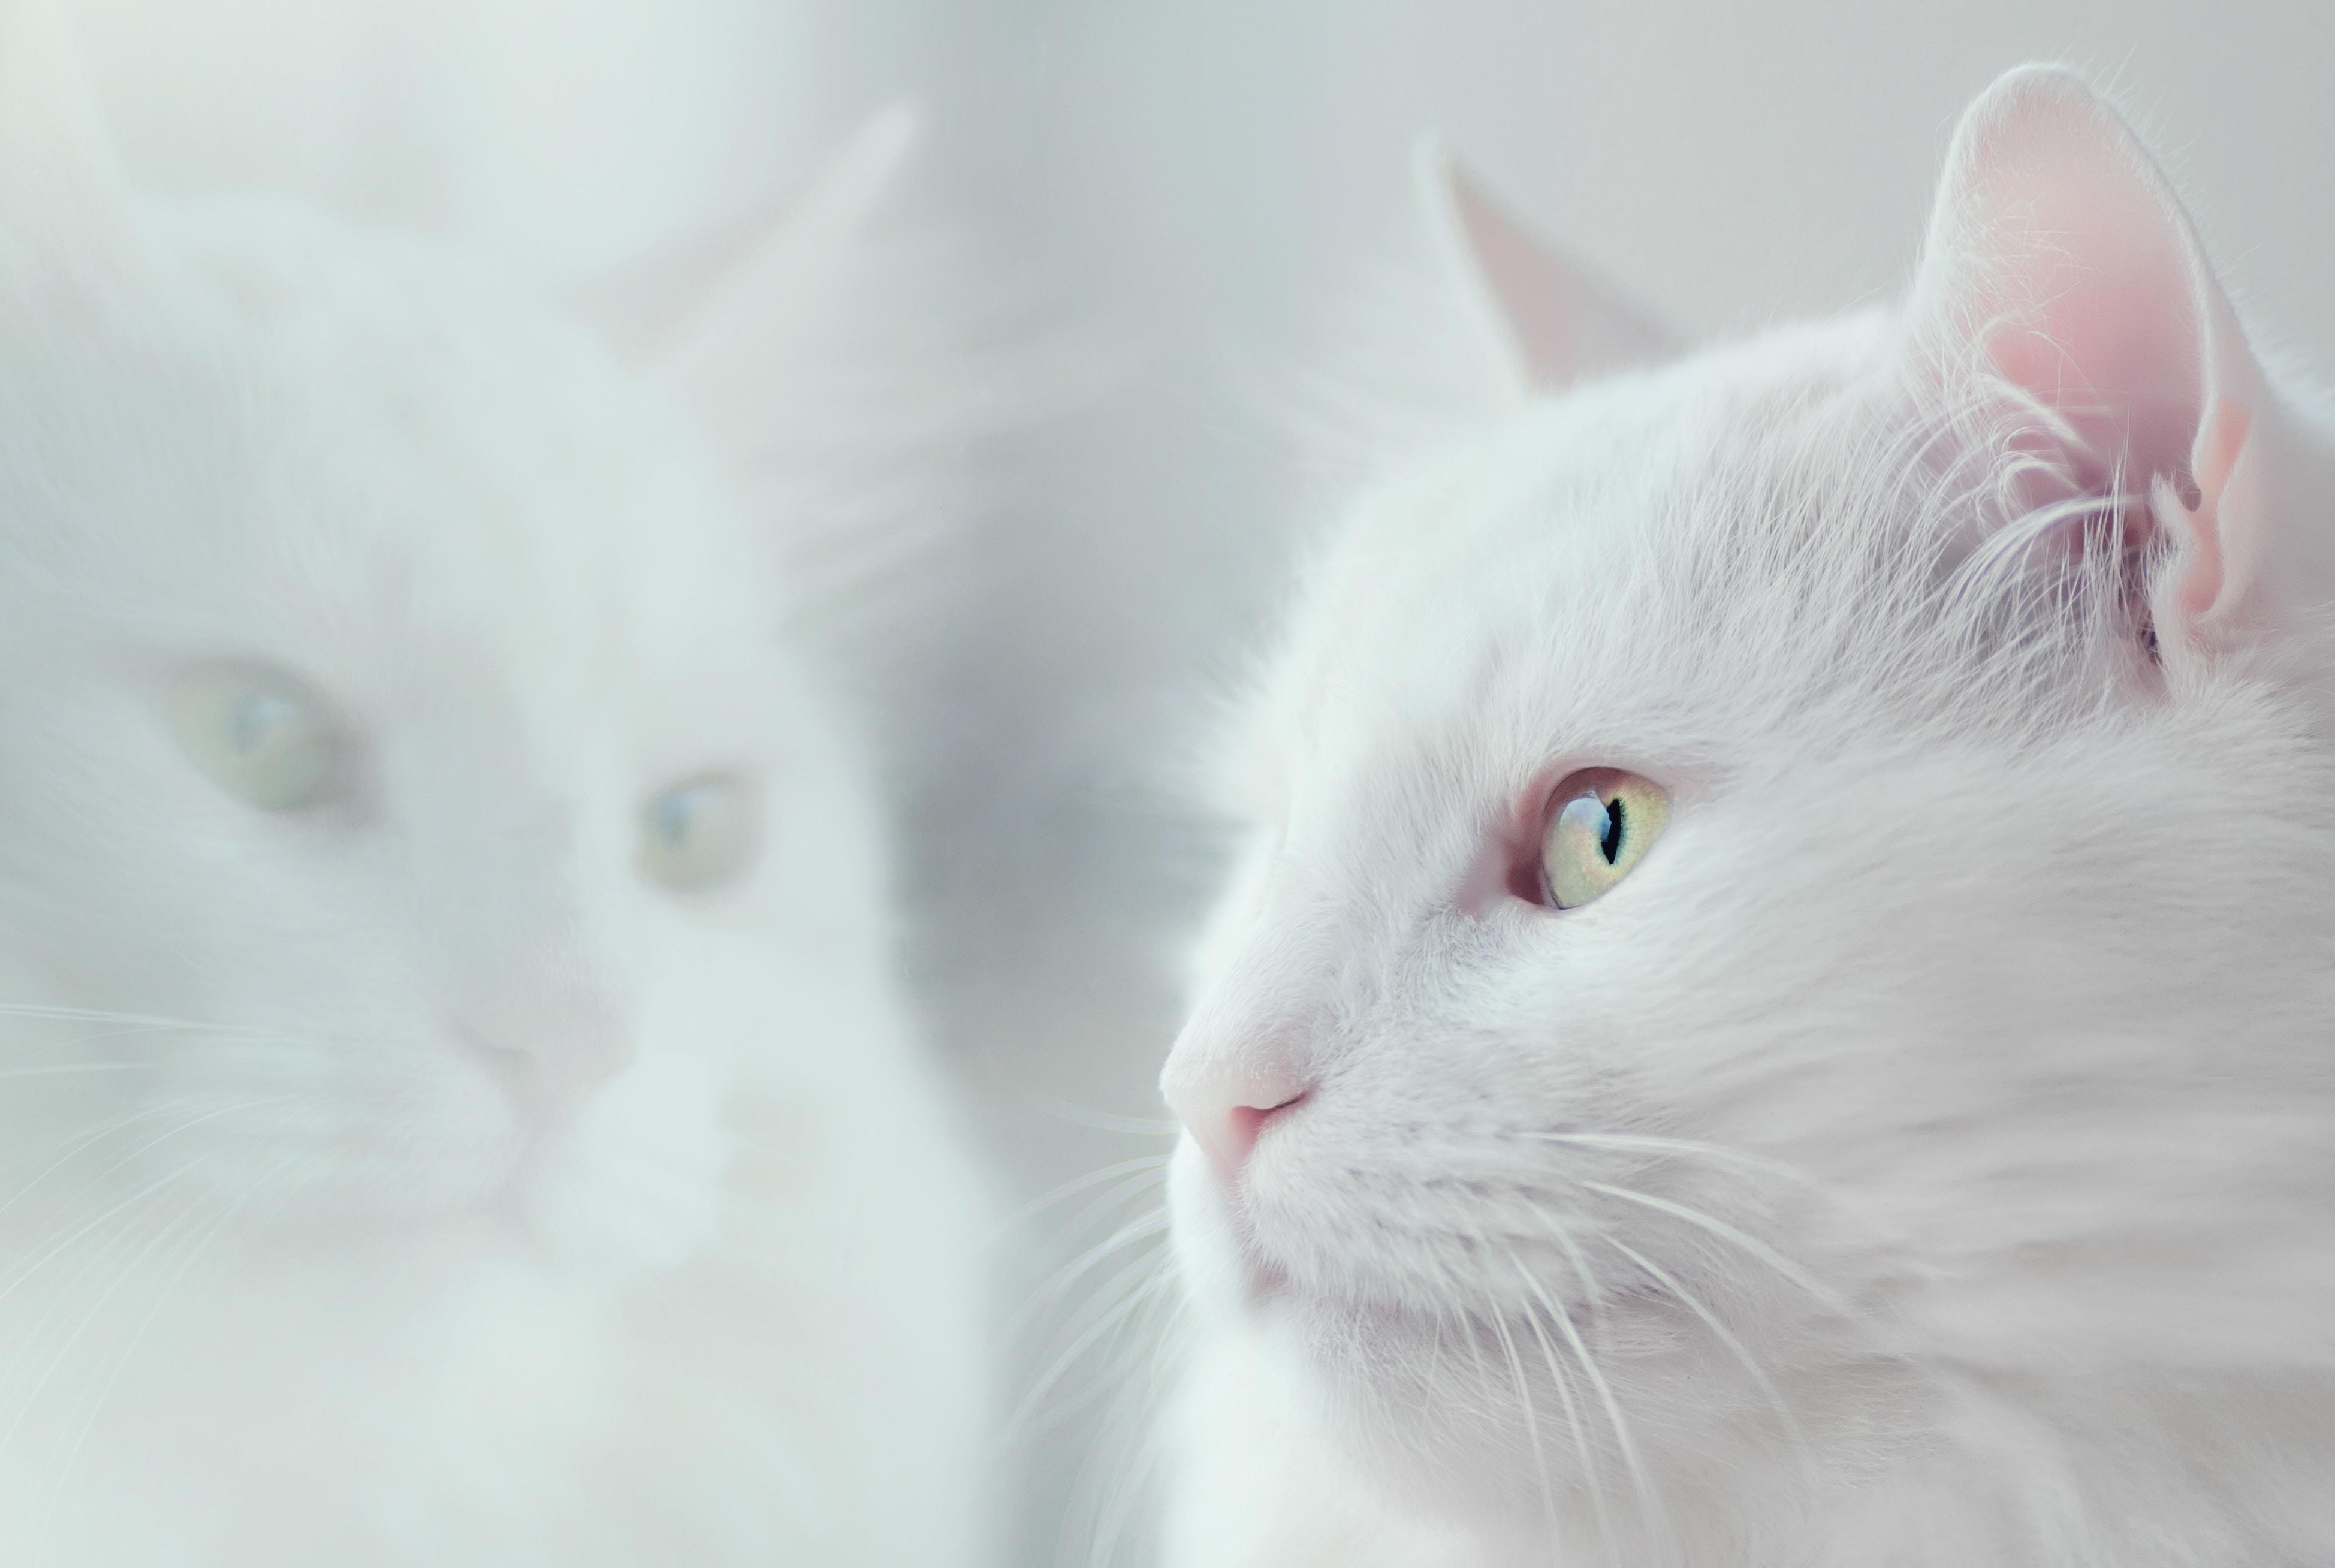 103039 скачать обои Животные, Кот, Белый, Пушистый, Питомец - заставки и картинки бесплатно